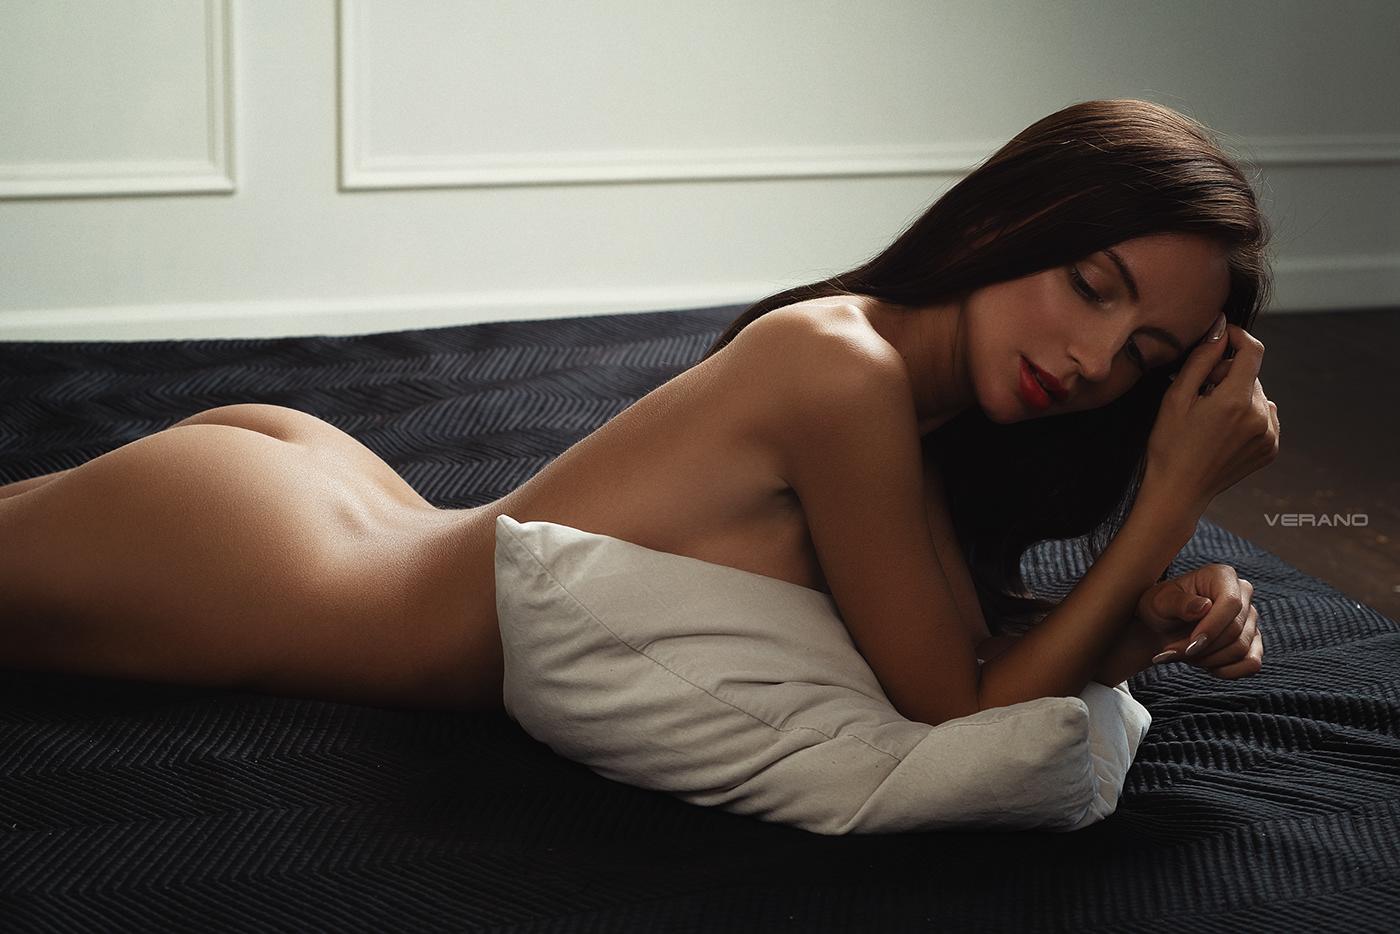 nude Ann / фото Nikolas Verano